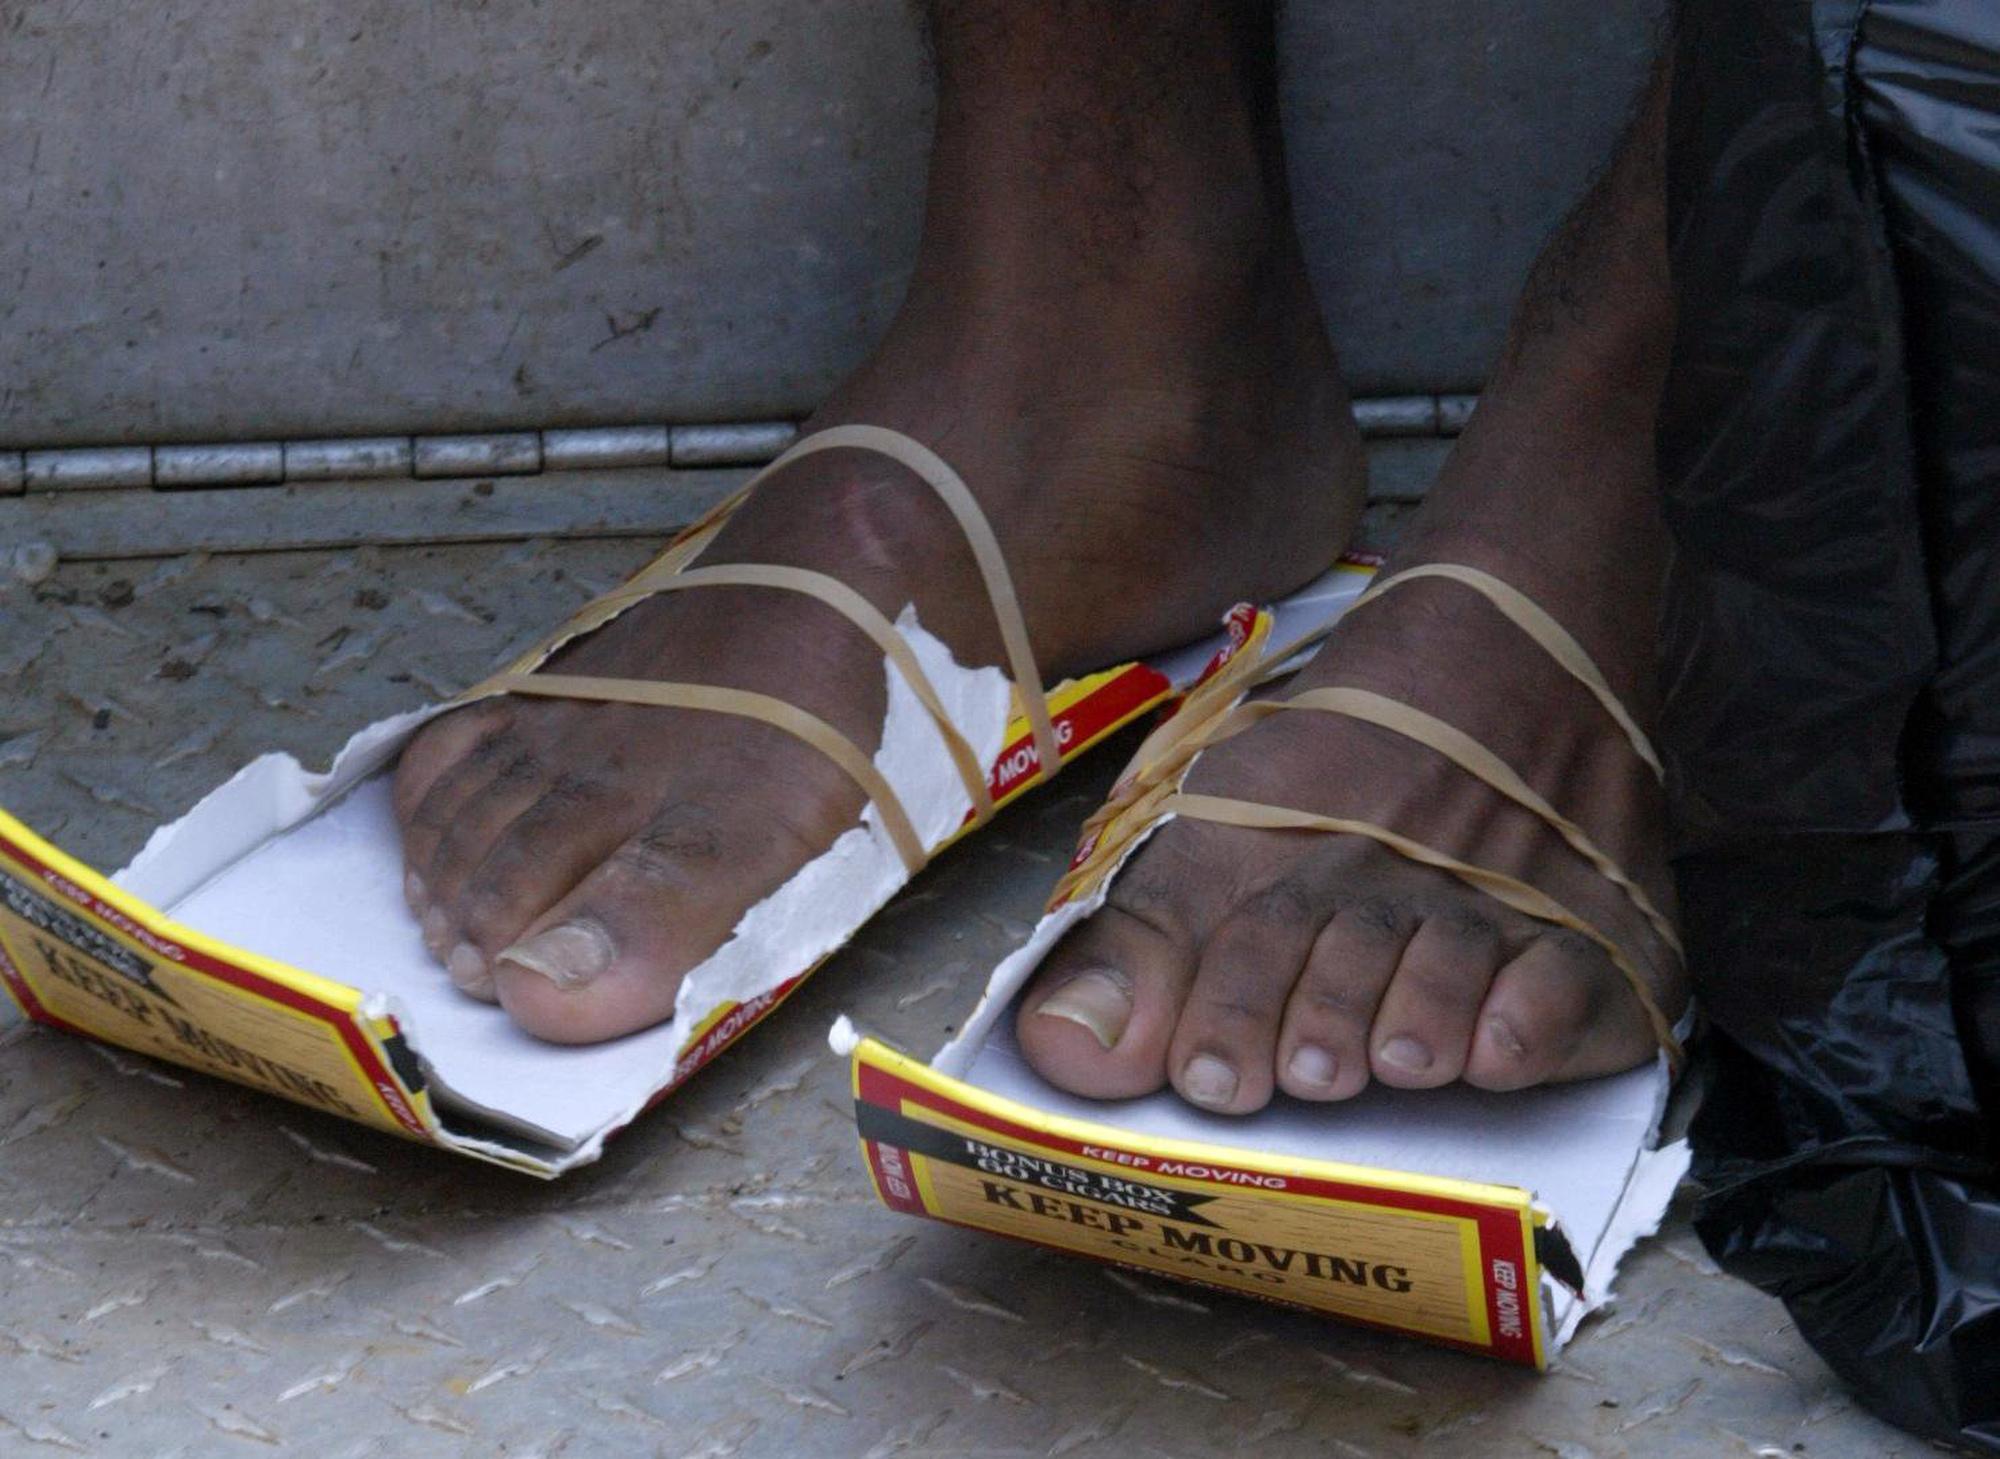 Цветной, картинки прикольные с обувью